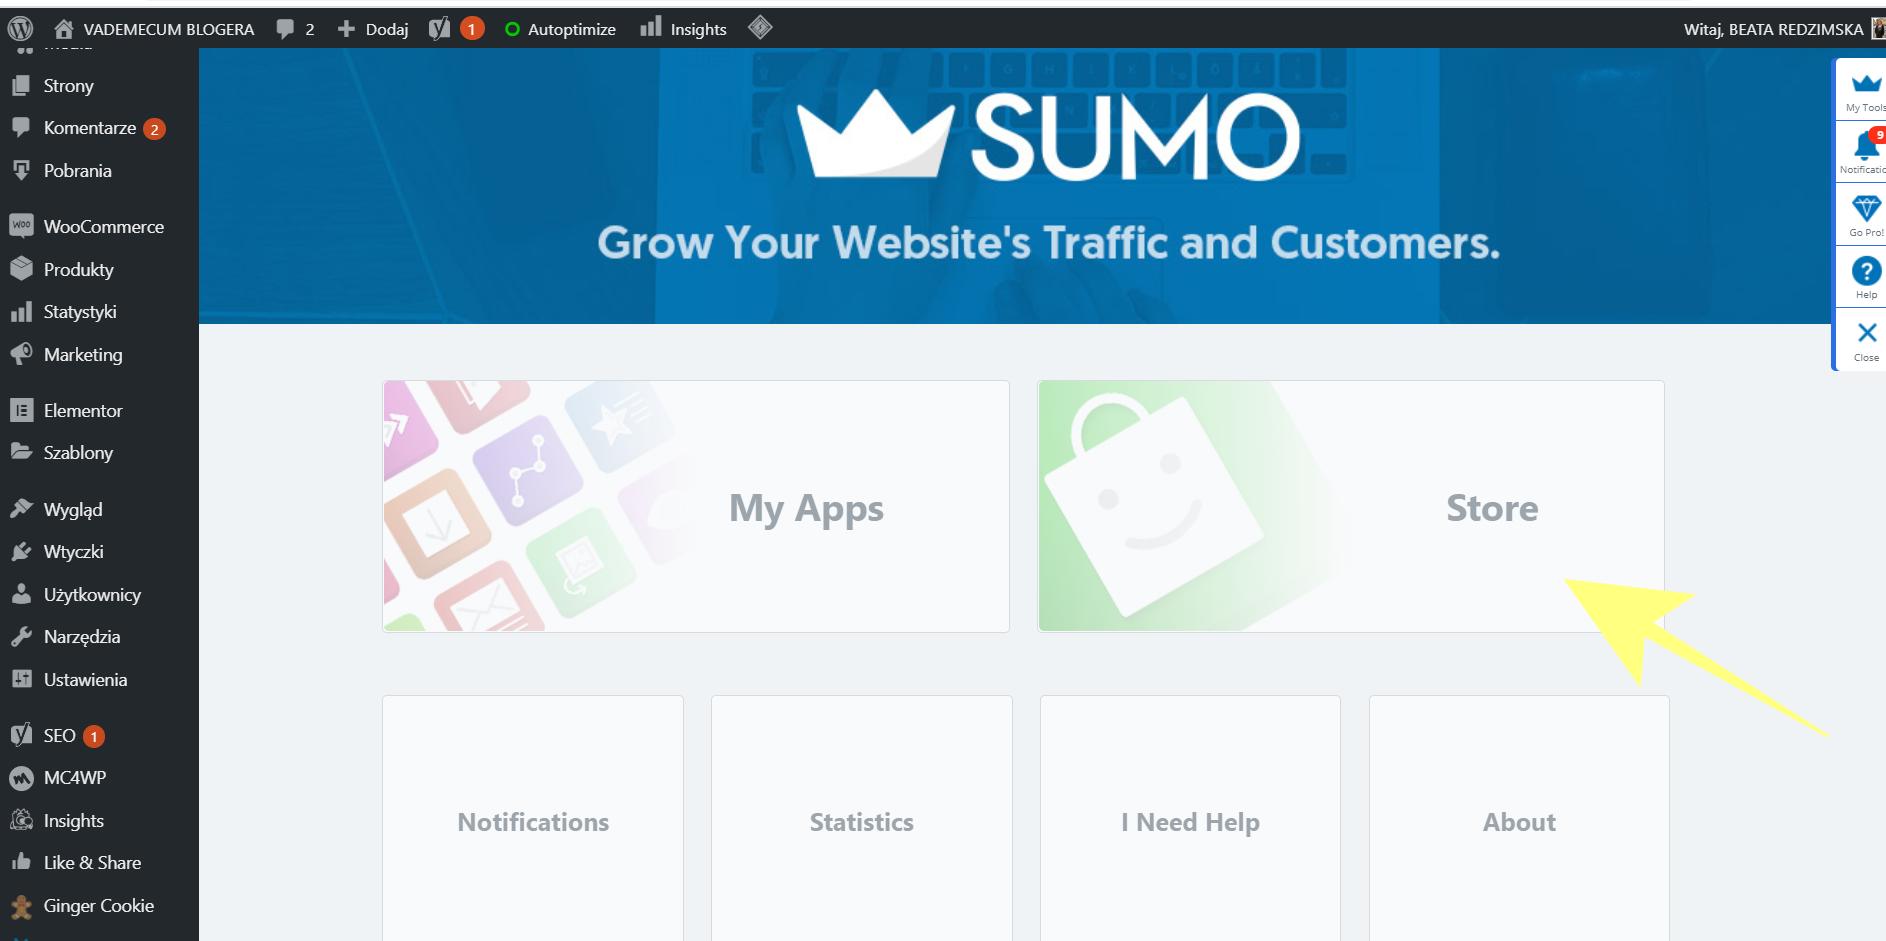 Jak dodać przyciski mediów społecznościowych za pomocą wtyczki SUMO?